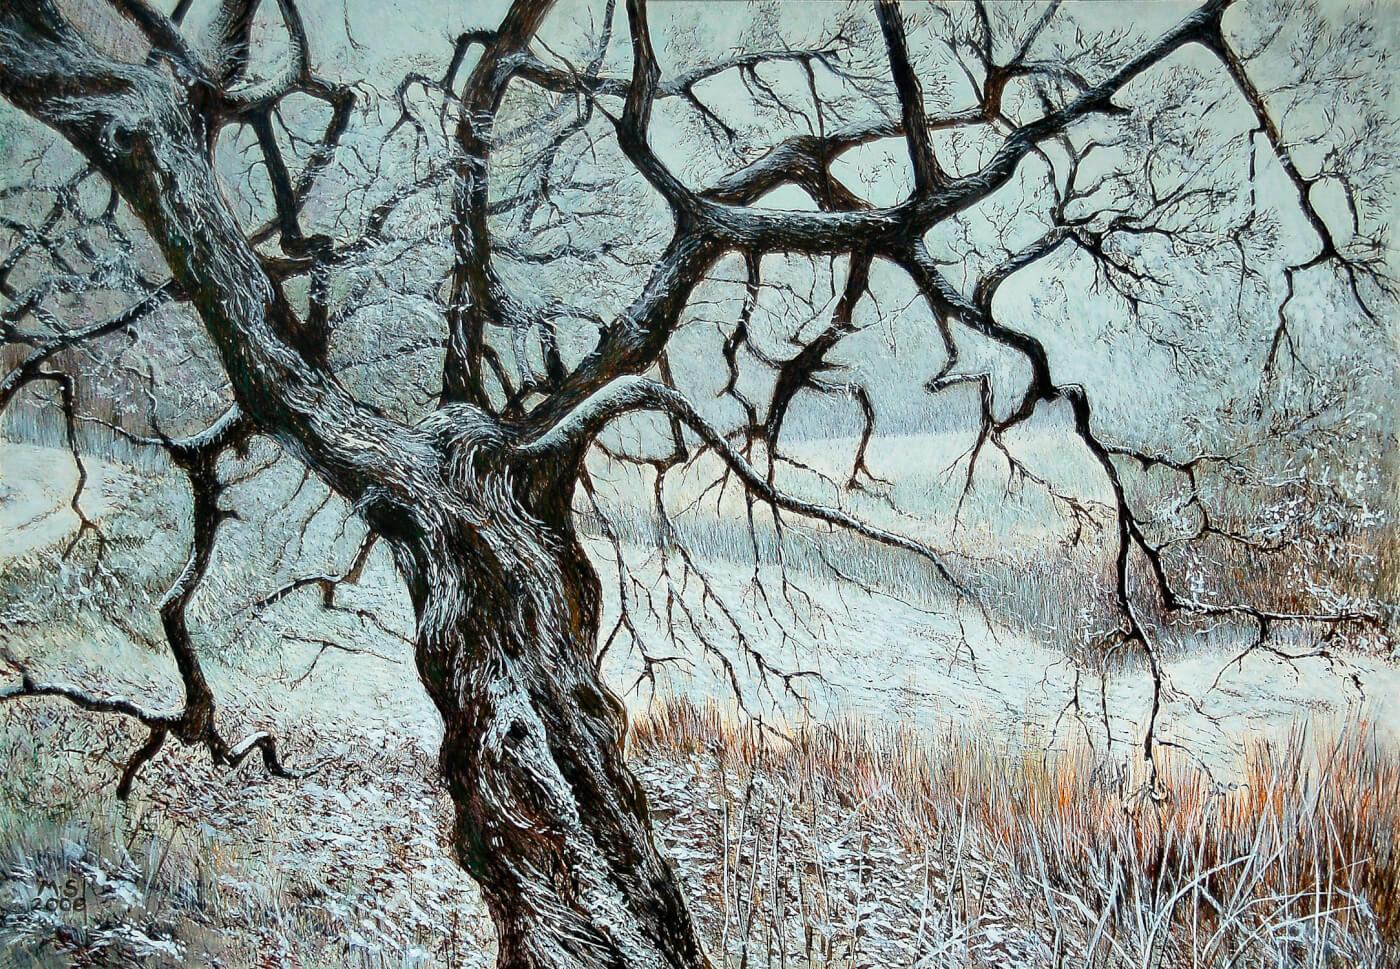 Winterbild, BaumJenisch Park, Natur, Landschaftsmalerei